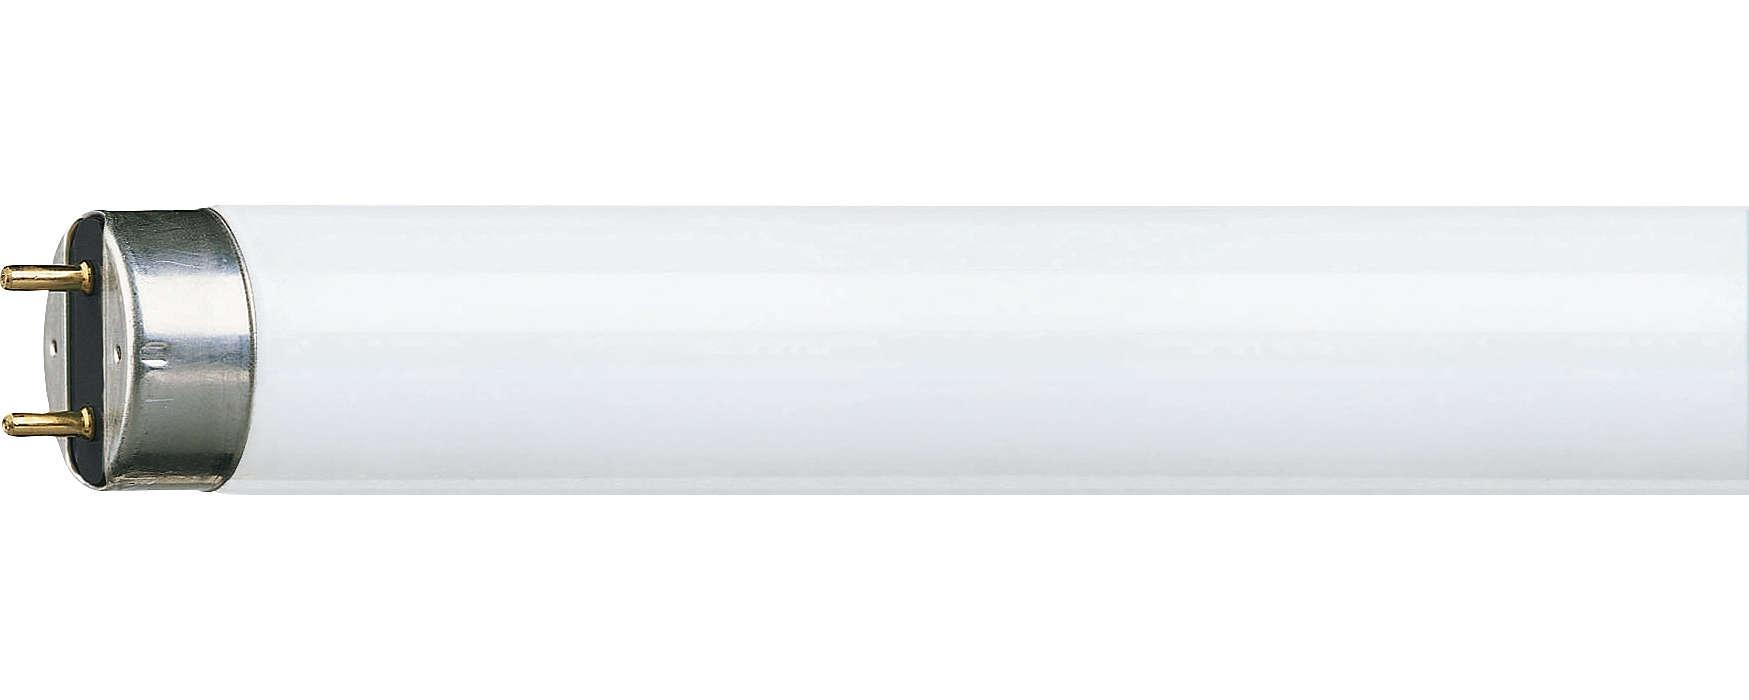 Éclairage fluorescent efficace avec rendu des couleurs amélioré